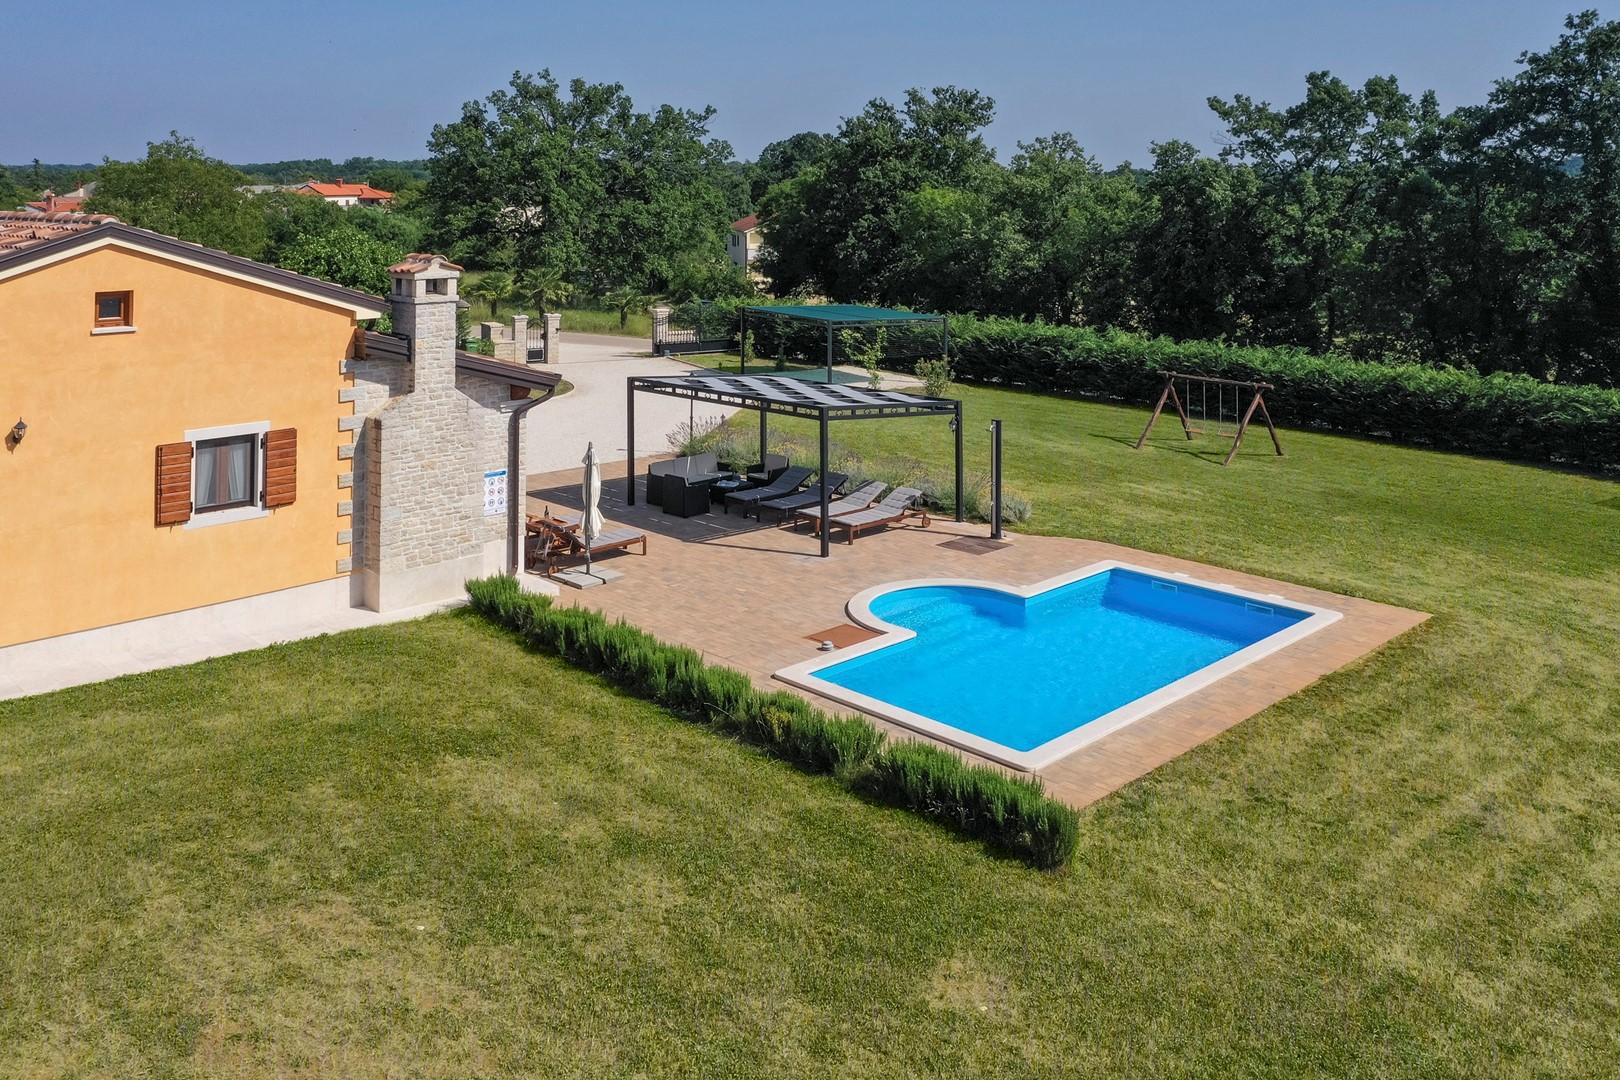 Ferienhaus Villa Elida mit Pool in abgelegene Lage - Zentral-Istrien (2789996), Pazin, , Istrien, Kroatien, Bild 13